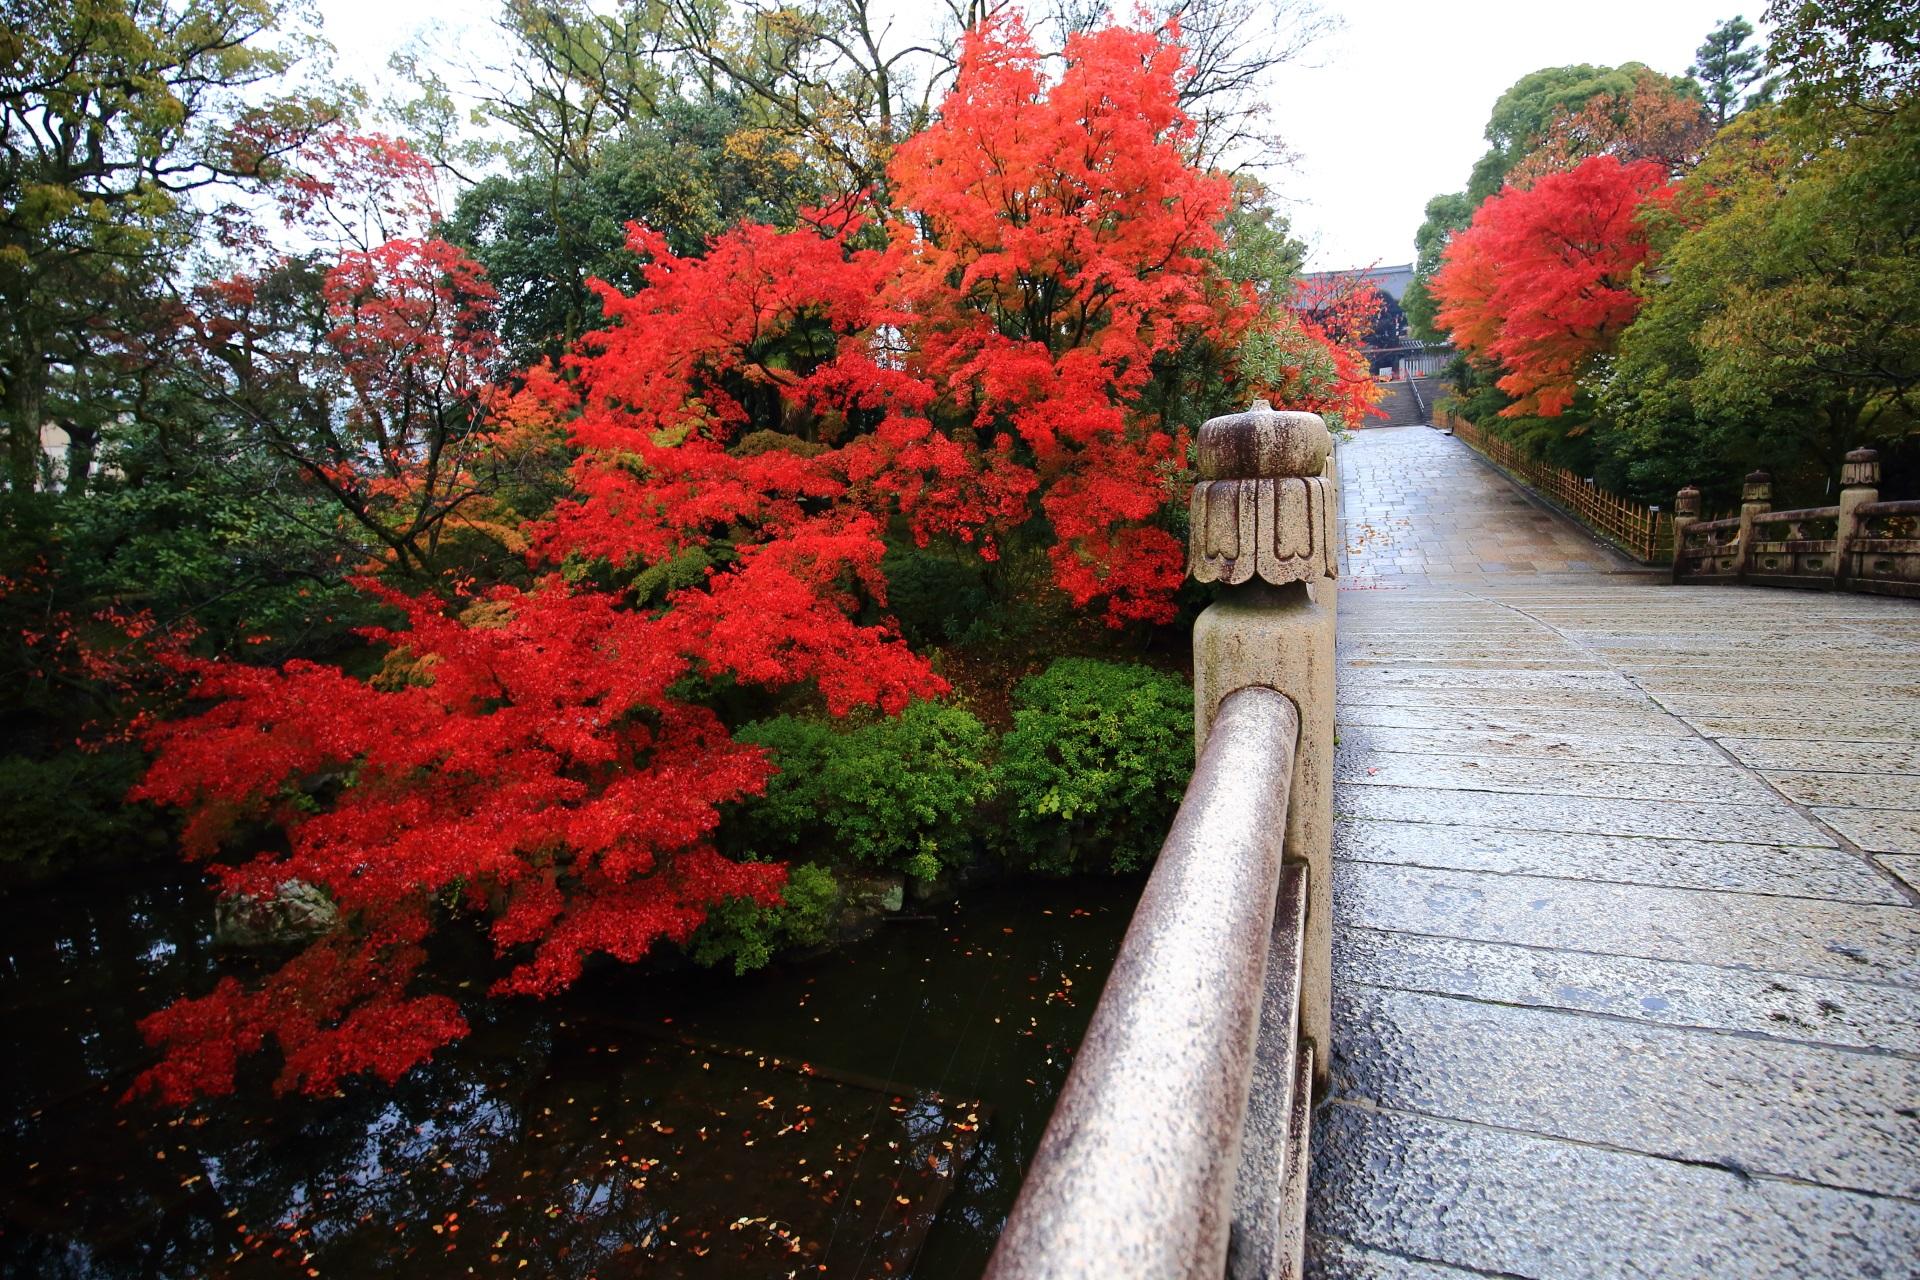 大谷本廟の皓月池と円通橋を彩る燃え上がるような紅葉